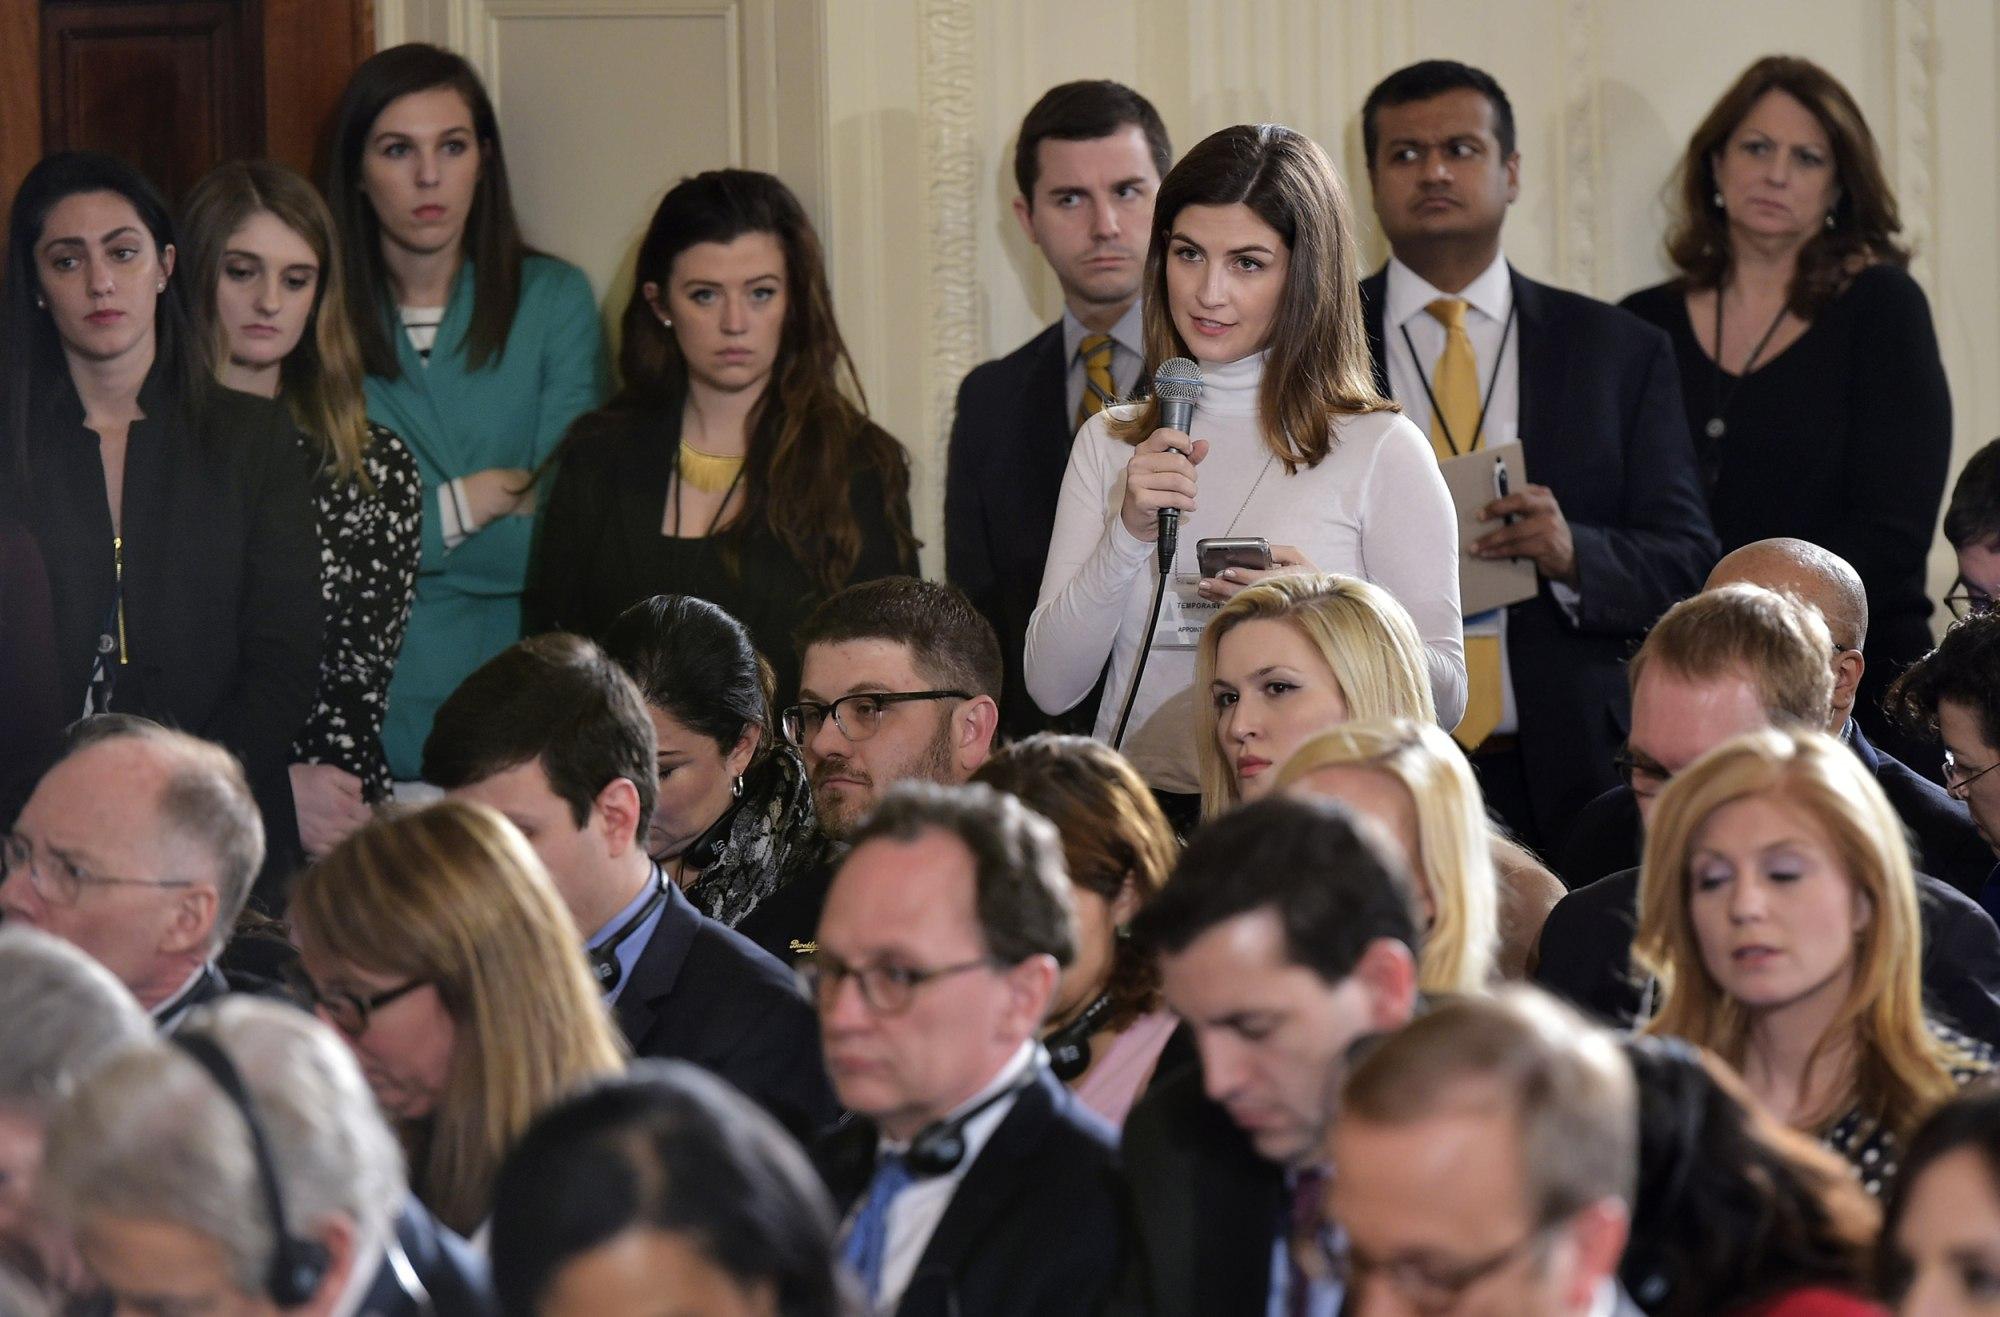 White House correspondent Kaitlan Collins